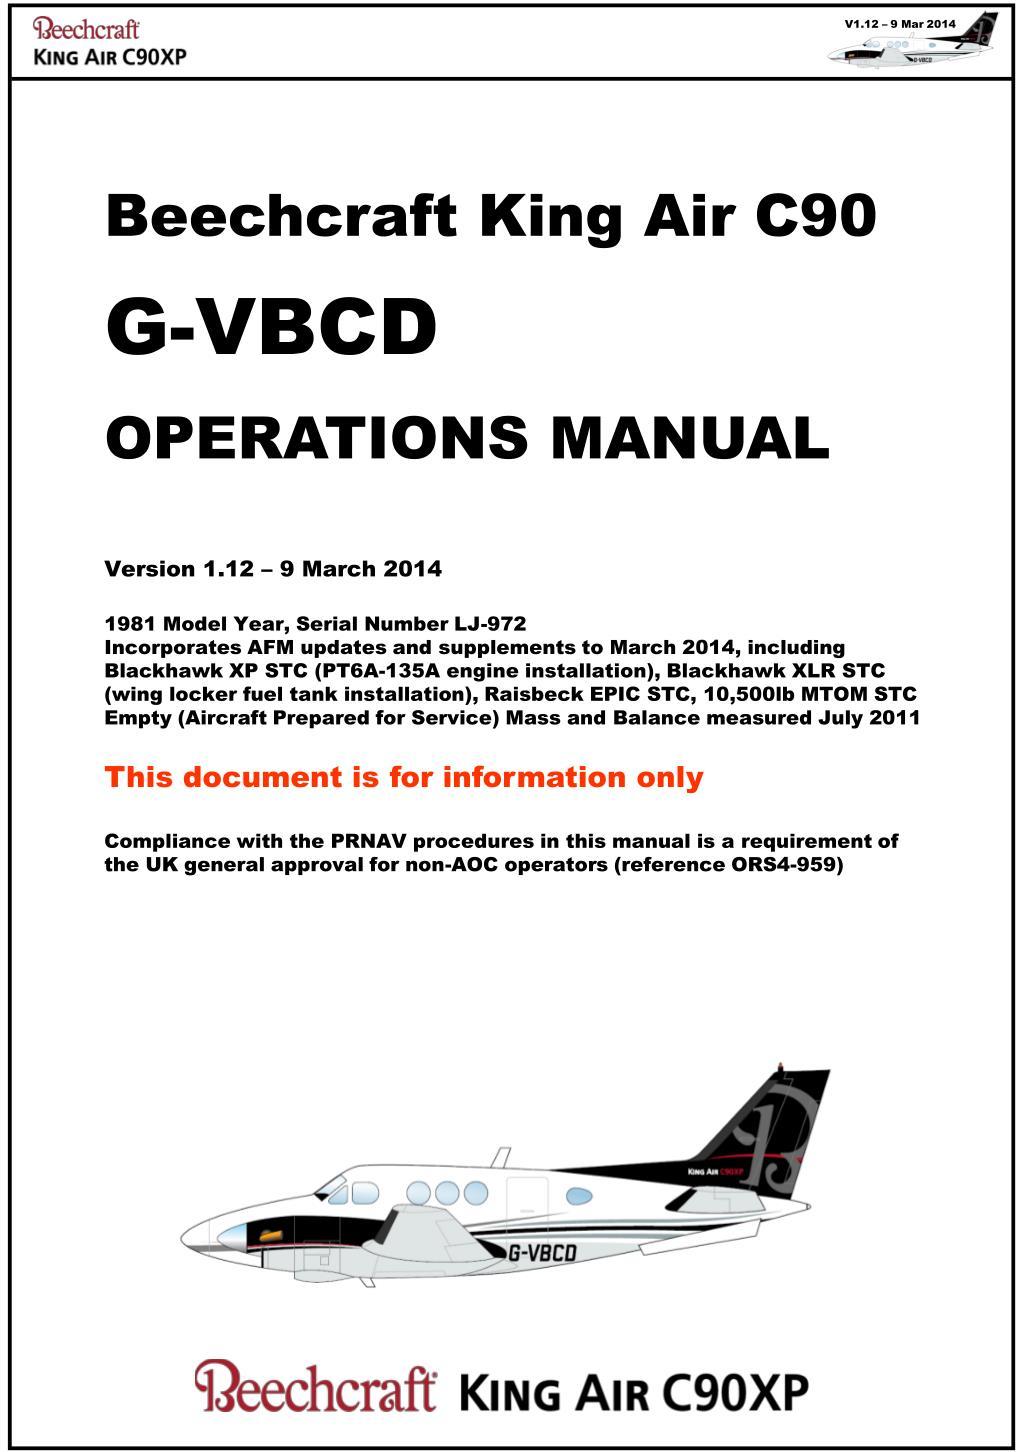 ppt beechcraft king air c90 g vbcd operations manual version 1 12 rh slideserve com